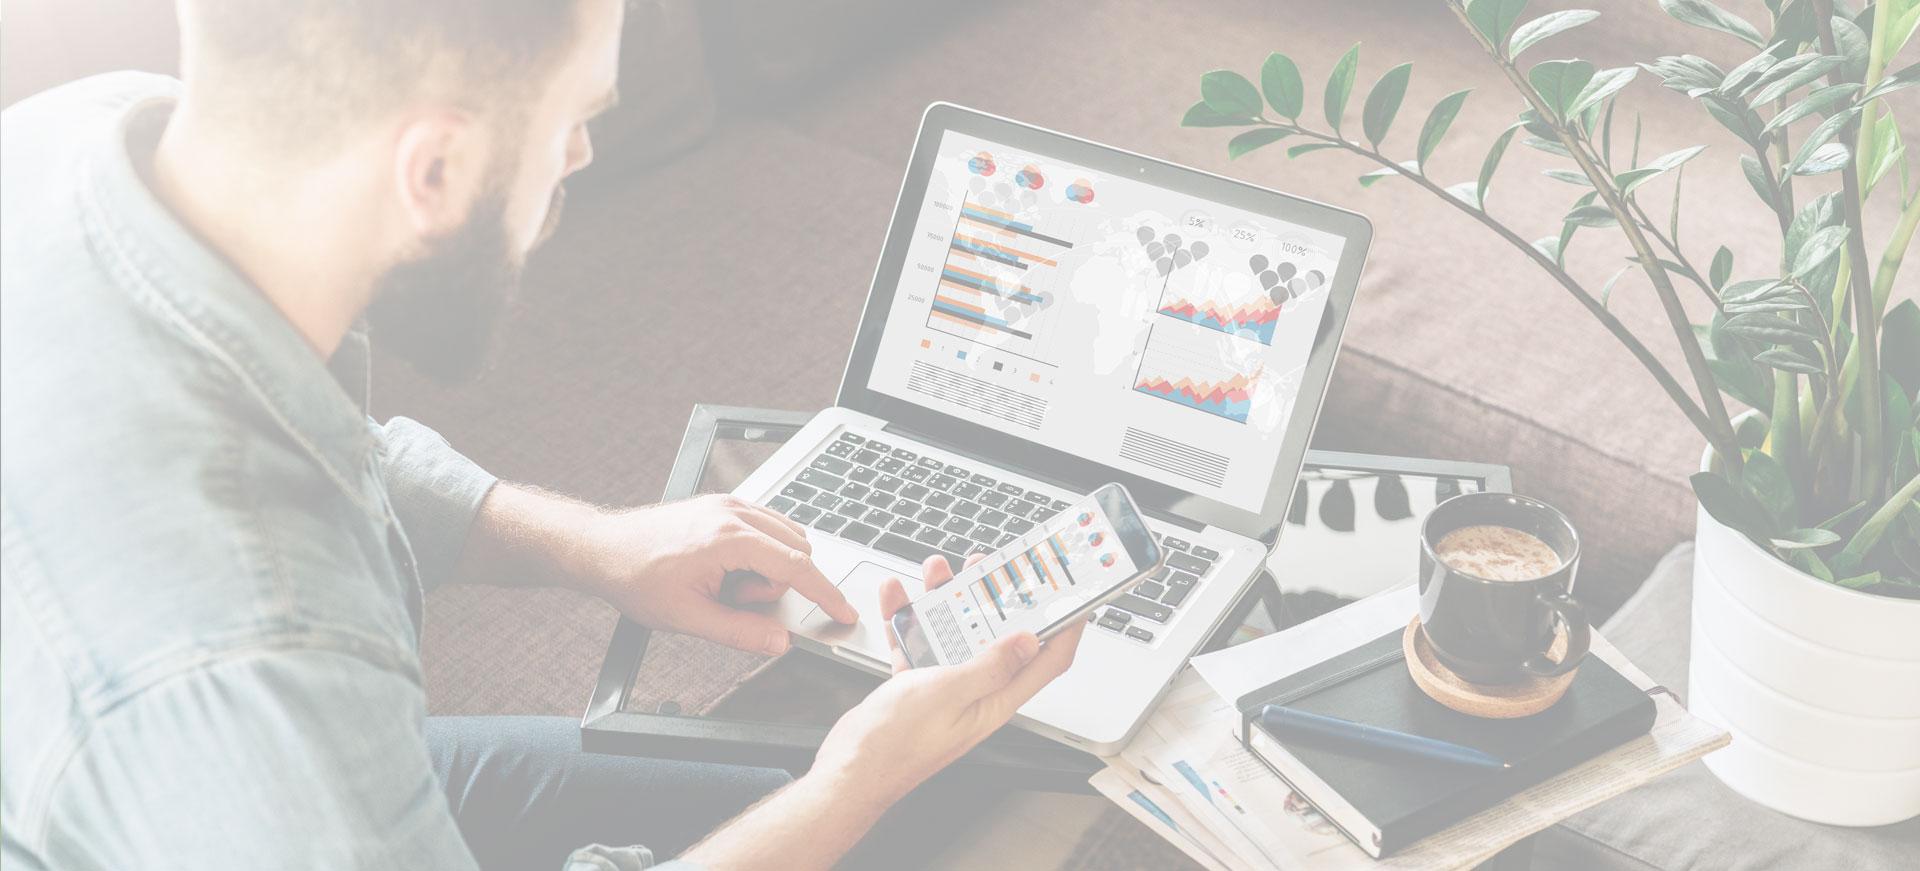 Monter un business en ligne